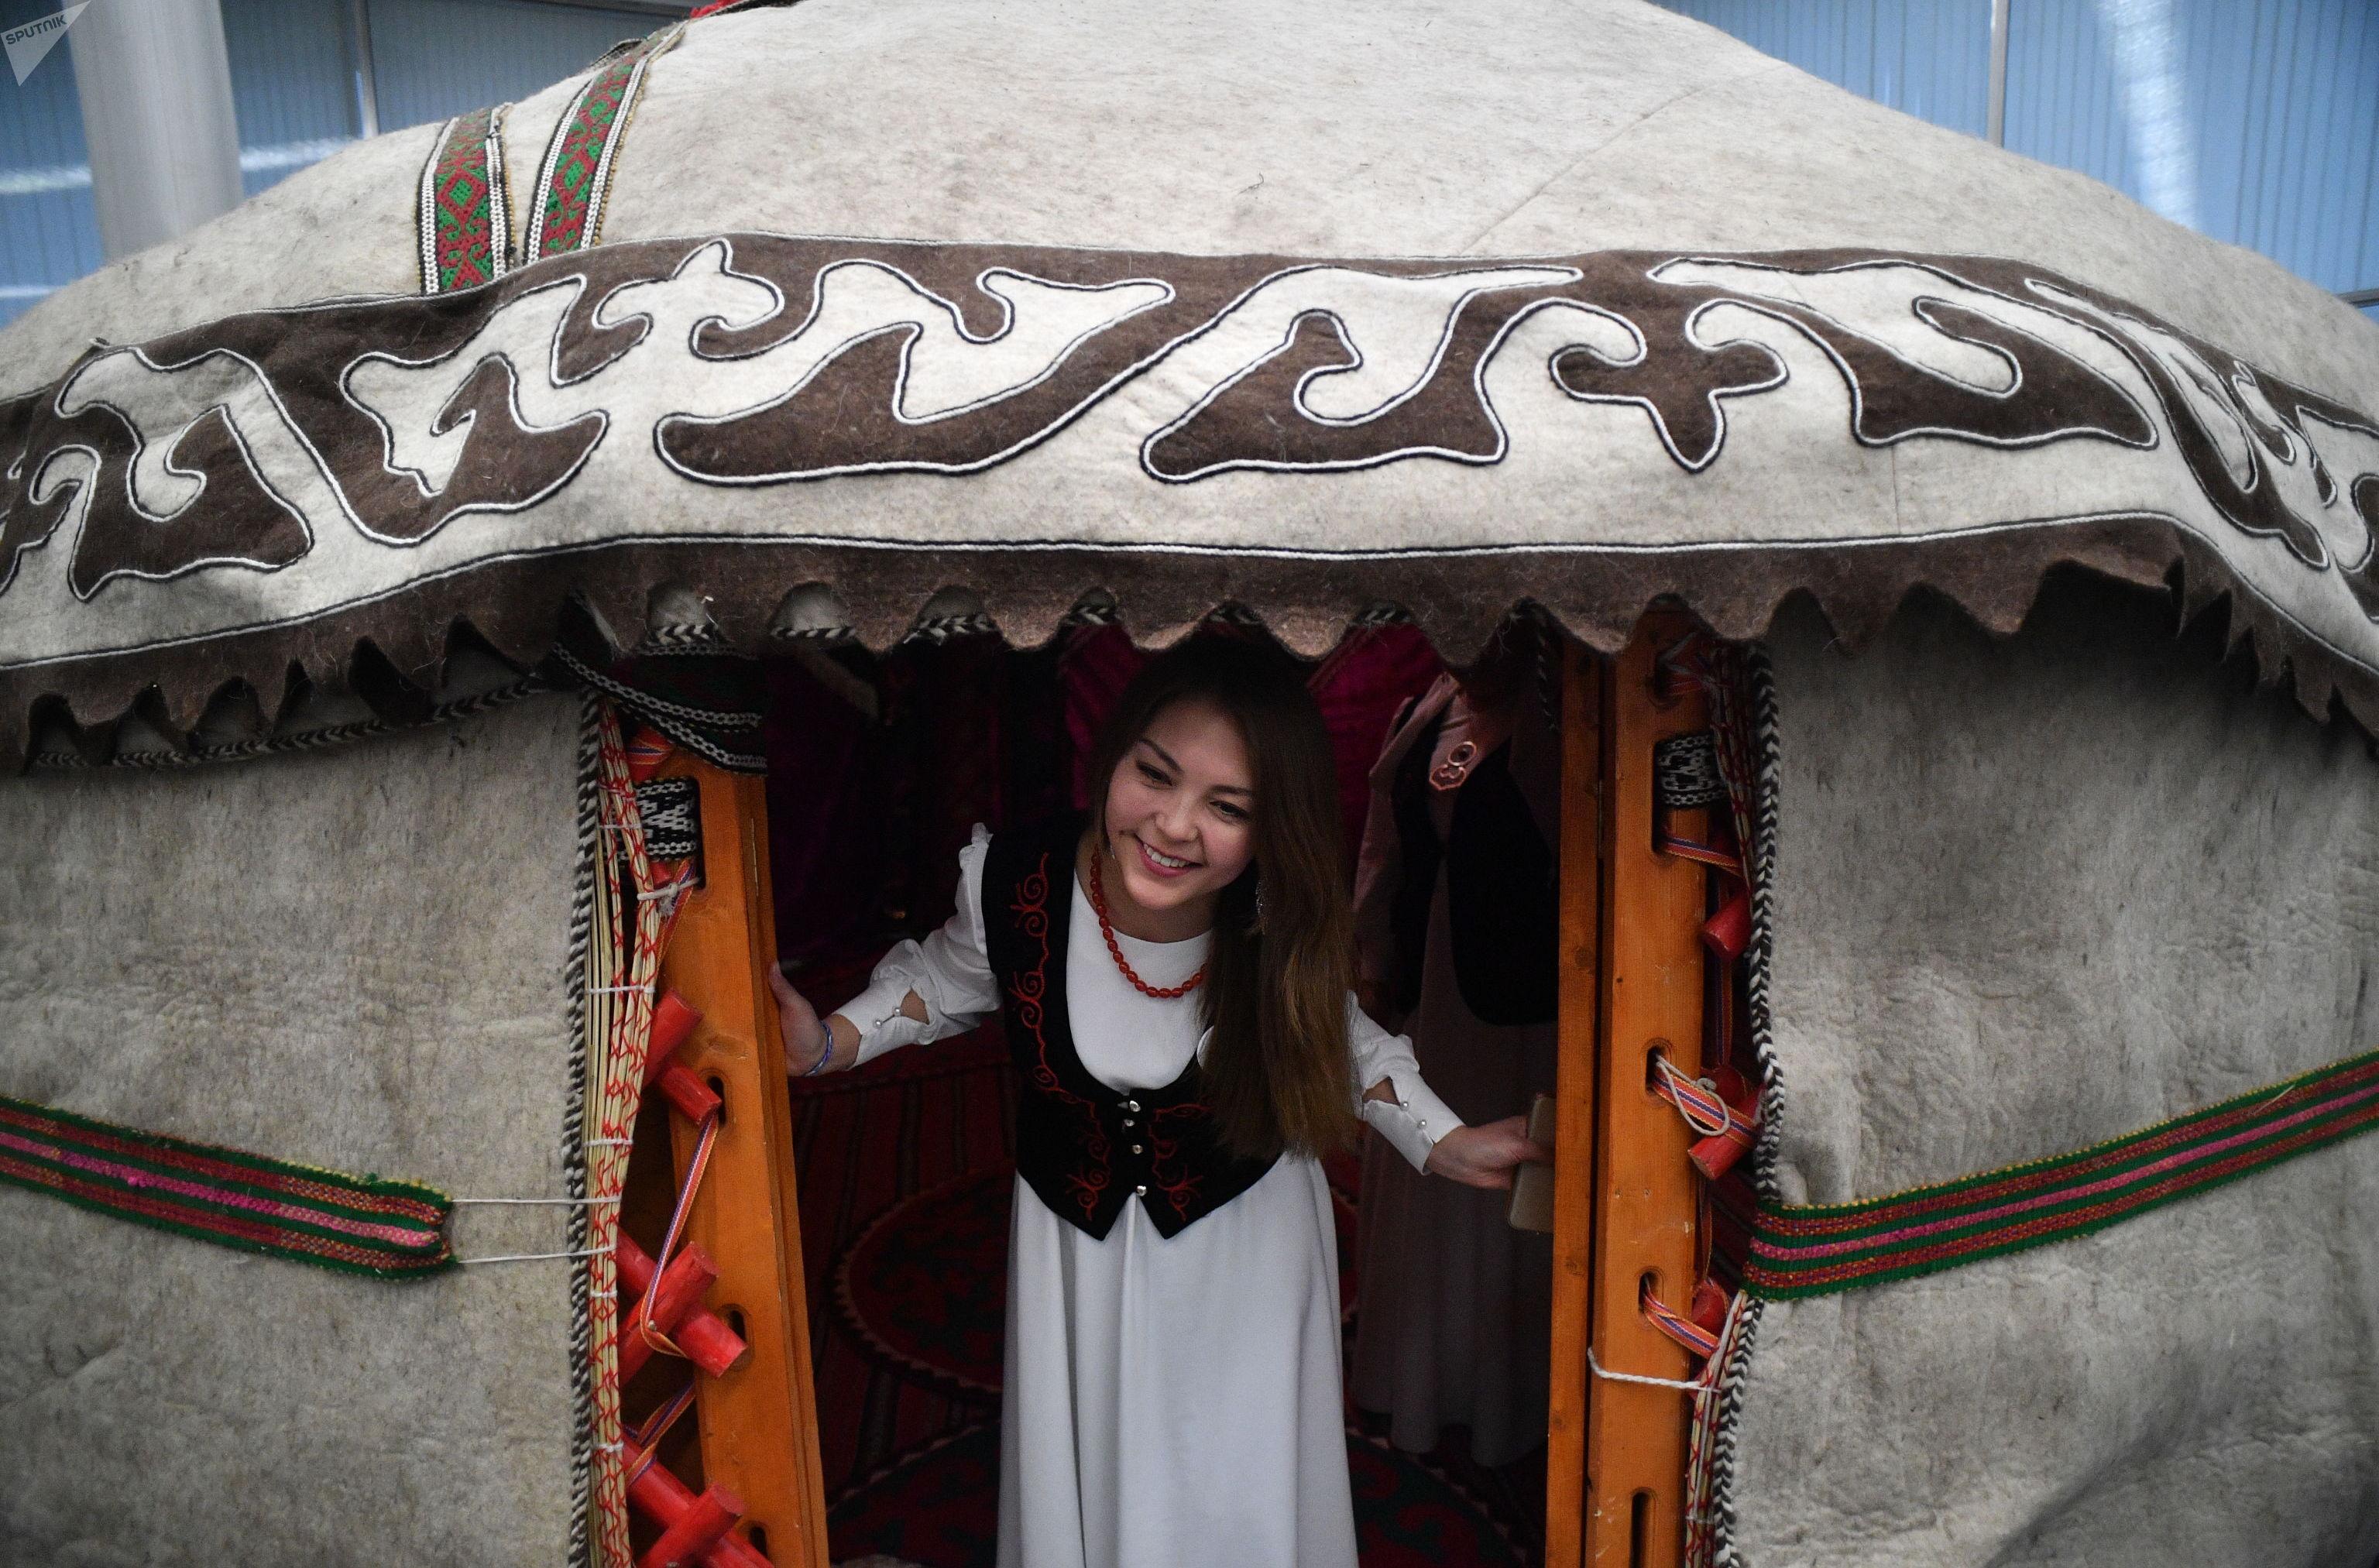 Девушка в национальной одежде на мероприятии в честь Дня ак калпака в Москве